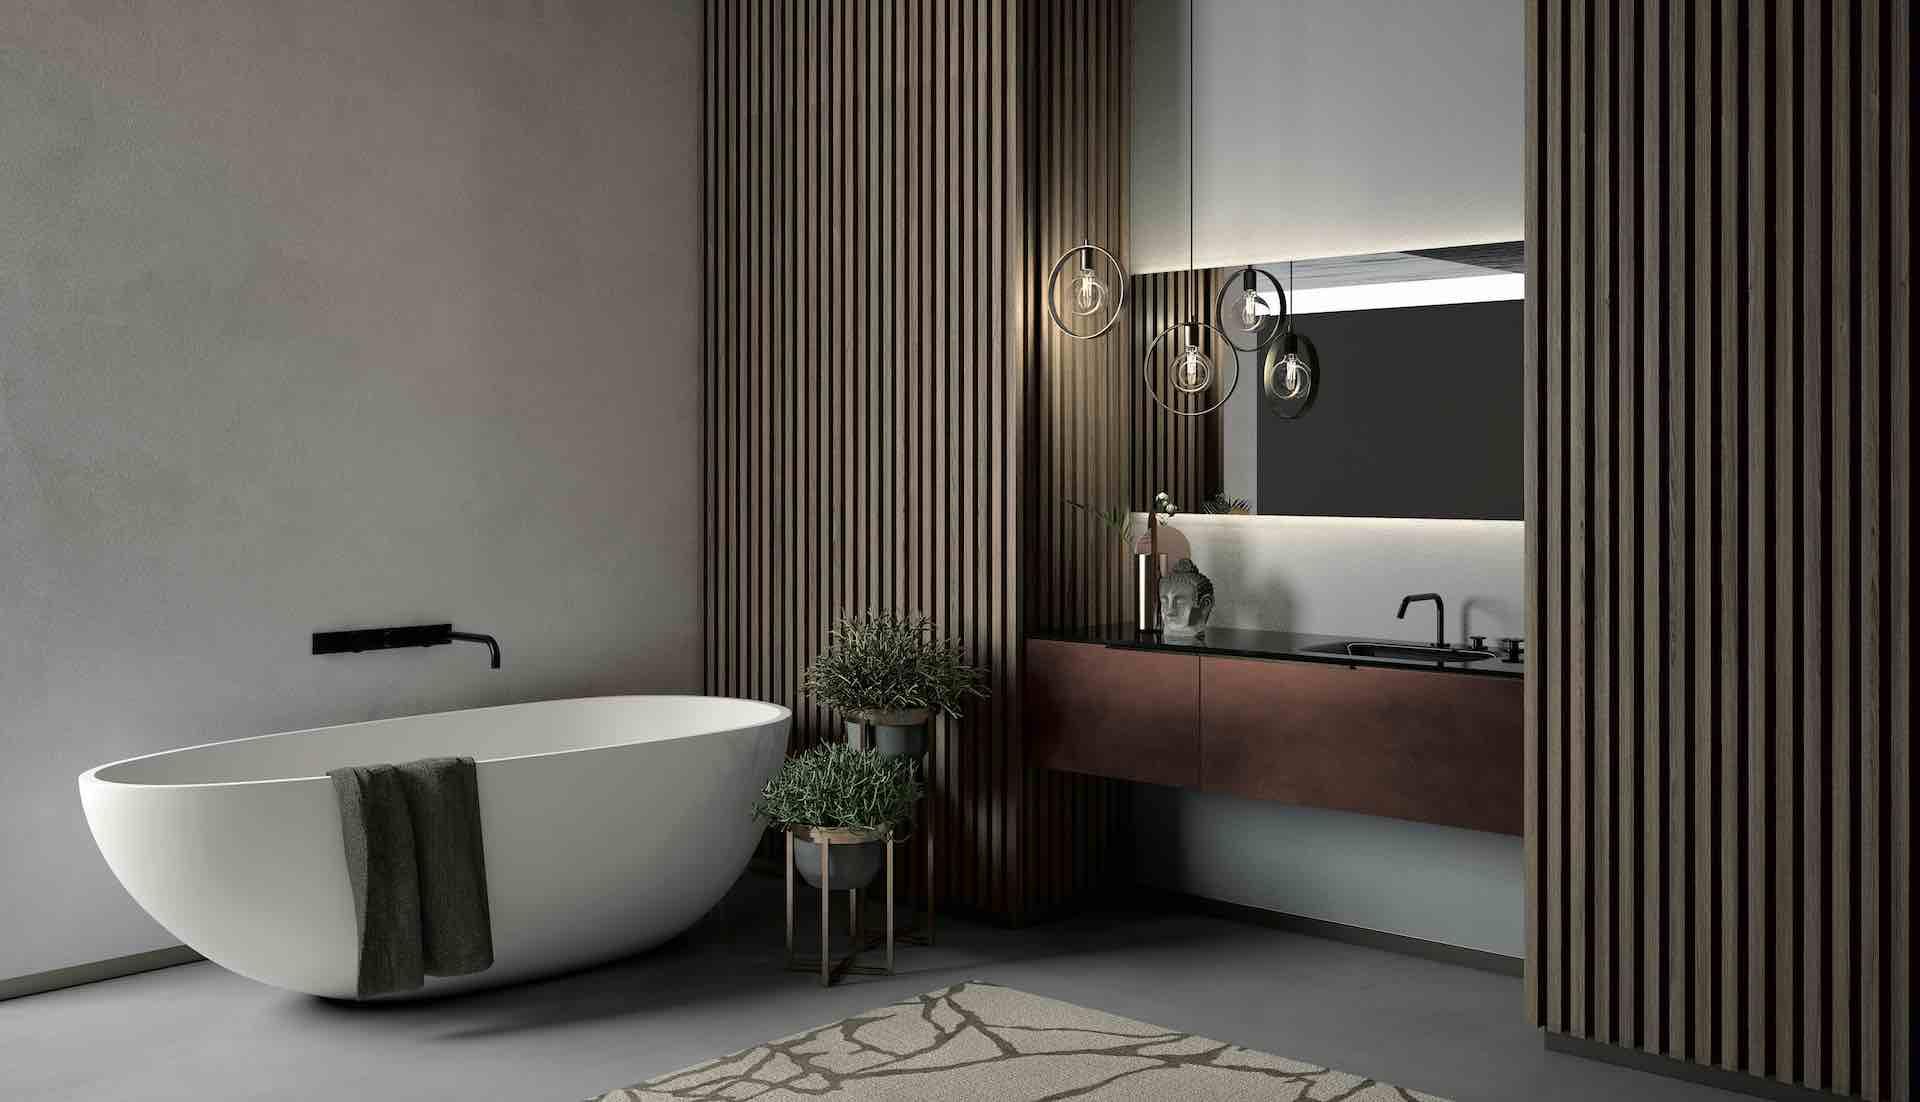 Arredo bagno Puntotre arredamento su misura per il bagno